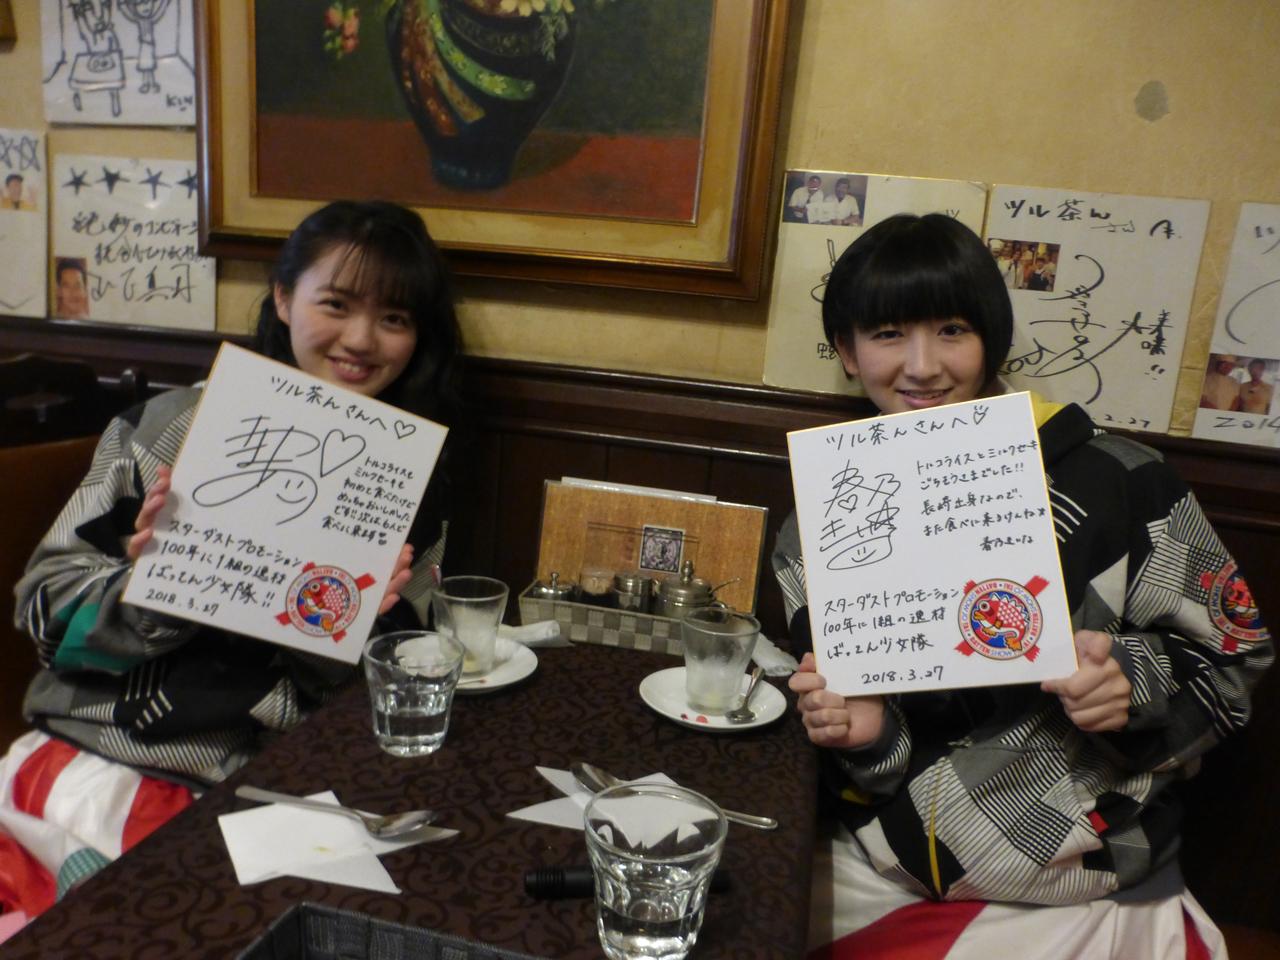 Untuk promosi pergi ke kampung halaman Haruno, Nagasaki. Di Shianbashi, di toko yang bernama Tsuruchan, memakan makanan populer, nasi turki dan milkshake ! Sampai juga menuliskan tanda tangan untuk tokonya. (Ai/Kiina)